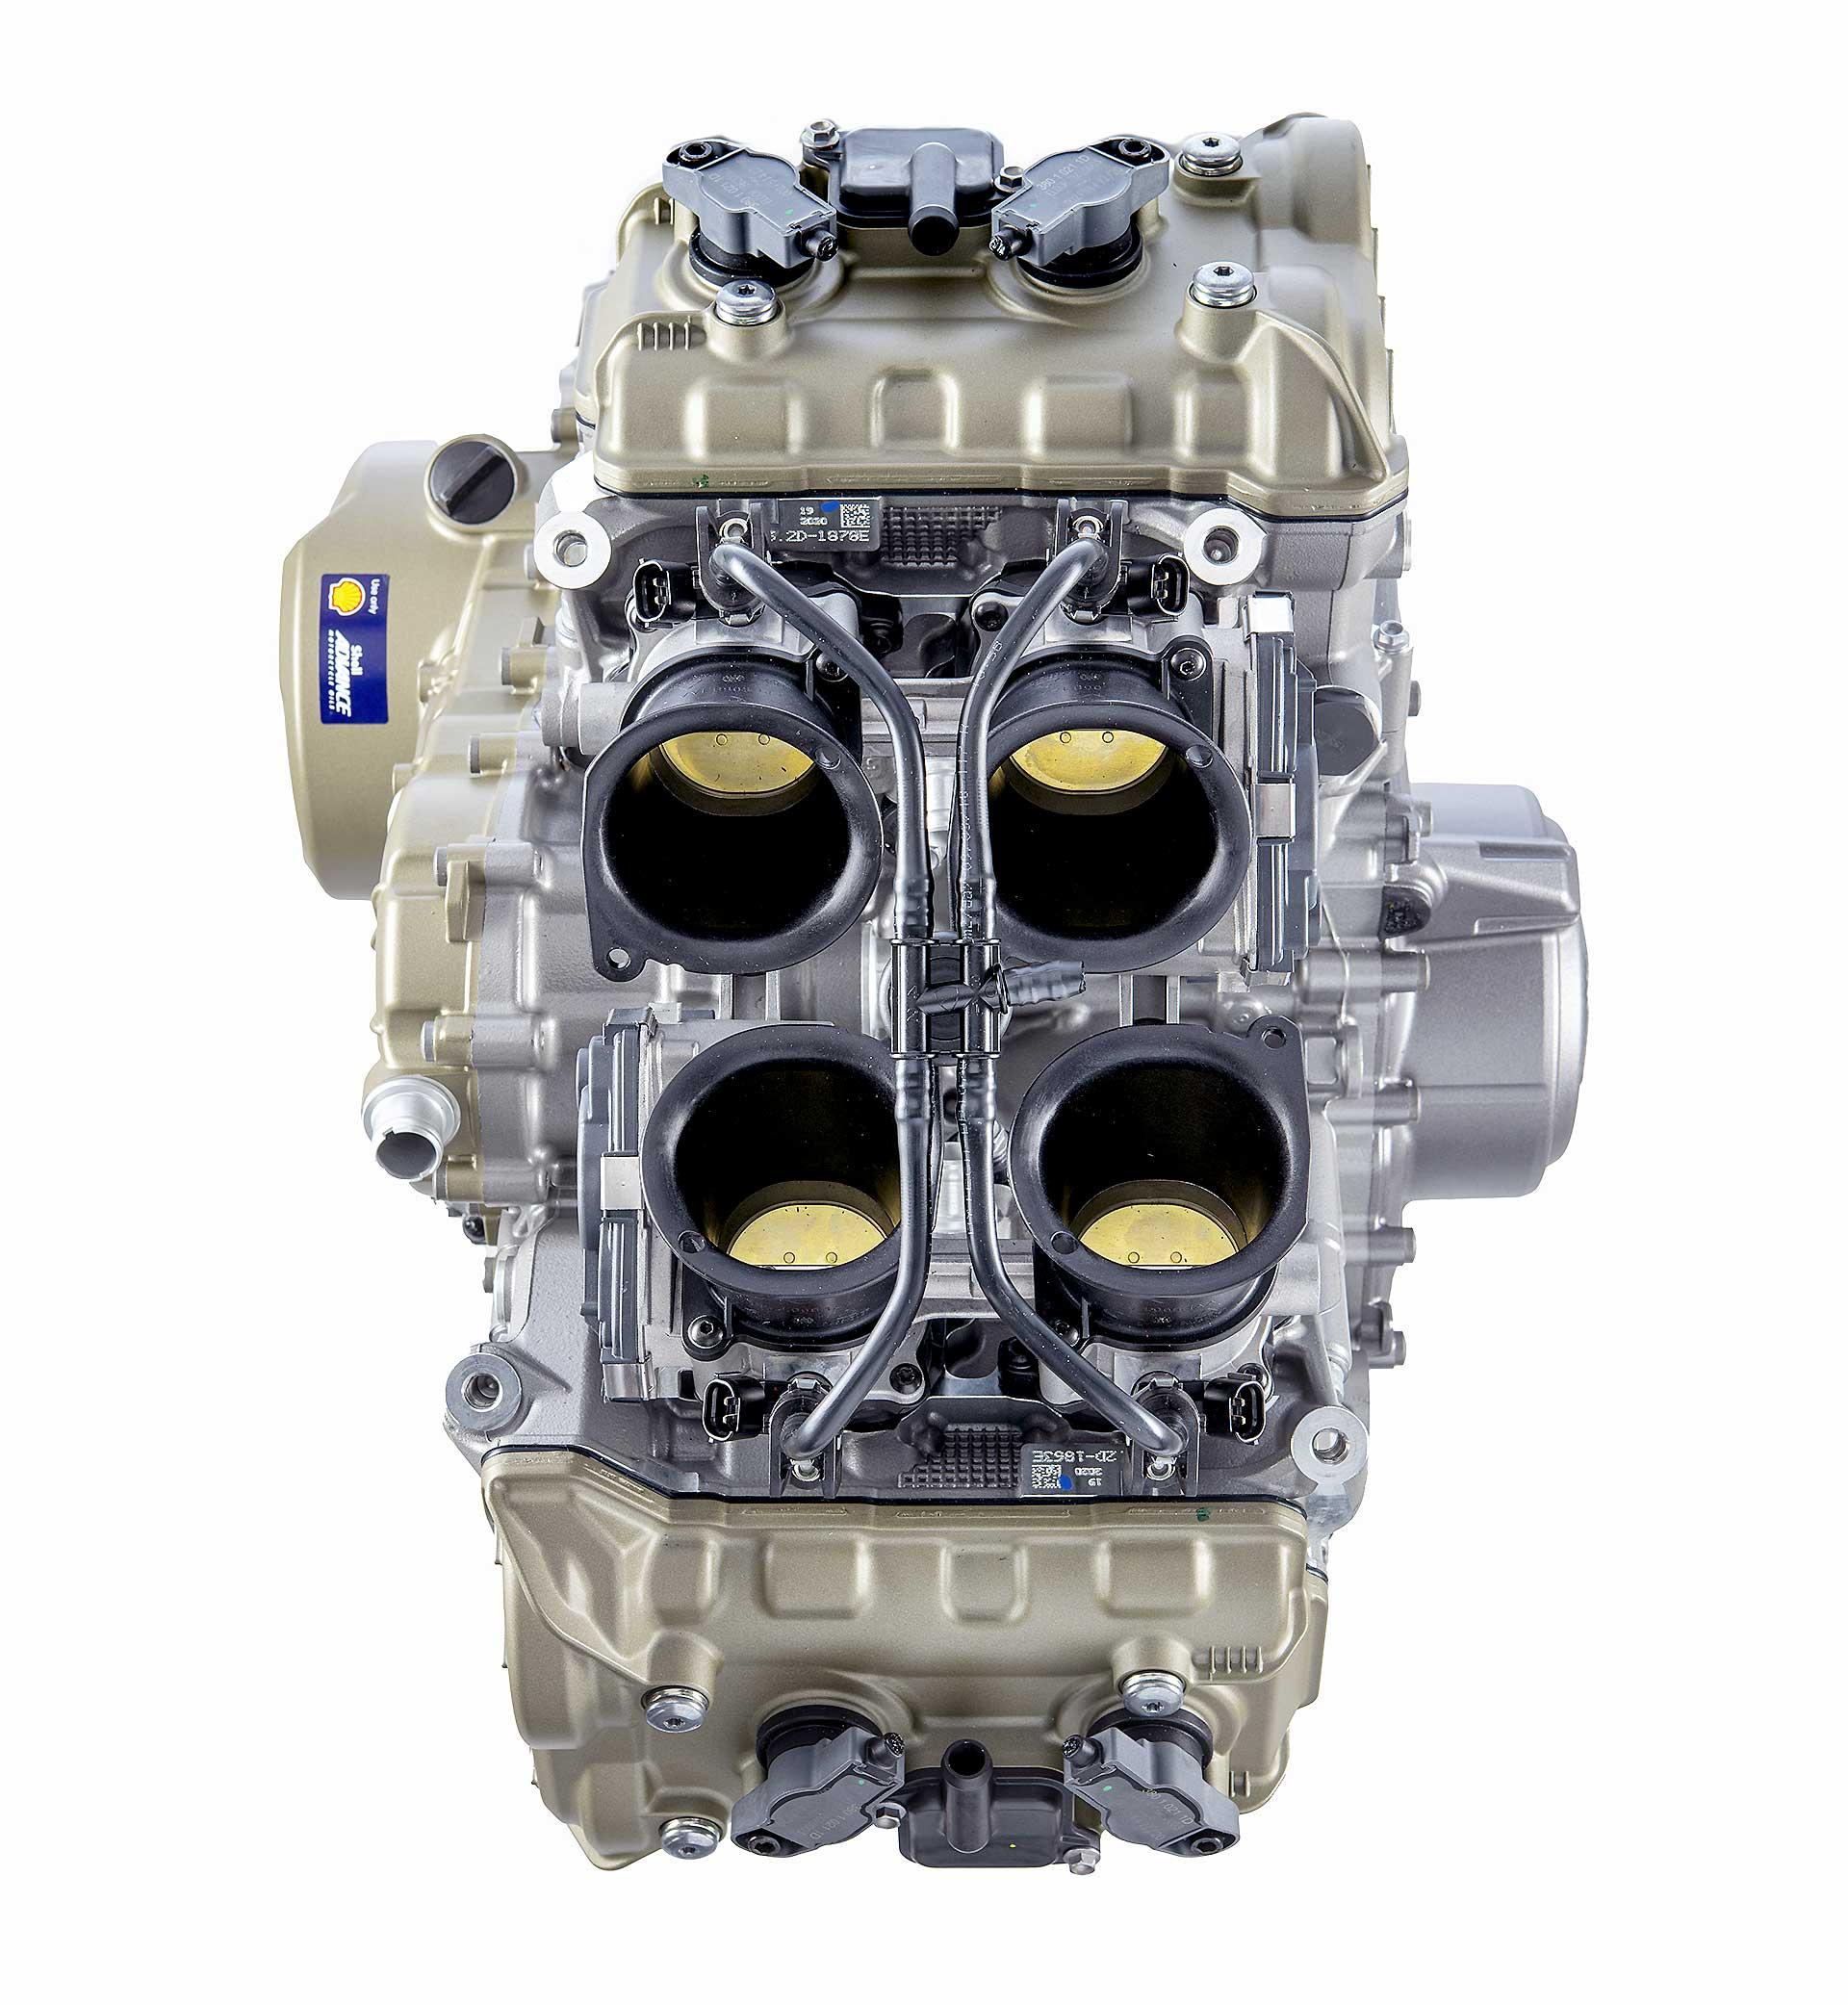 Ducati Motore V4 Granturismo